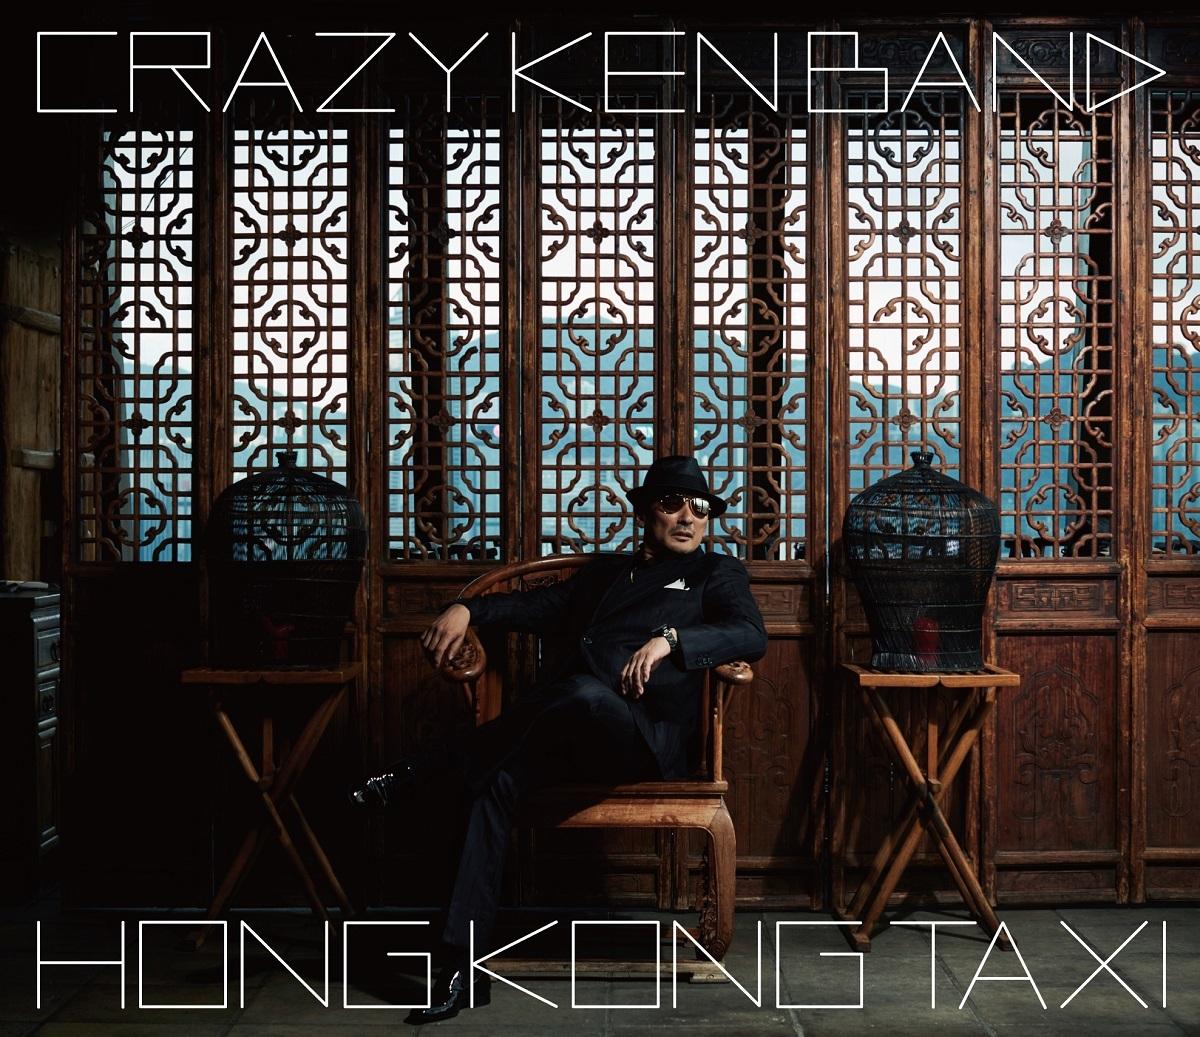 クレイジーケンバンド『香港的士-KONG JONG TAXI-』初回盤